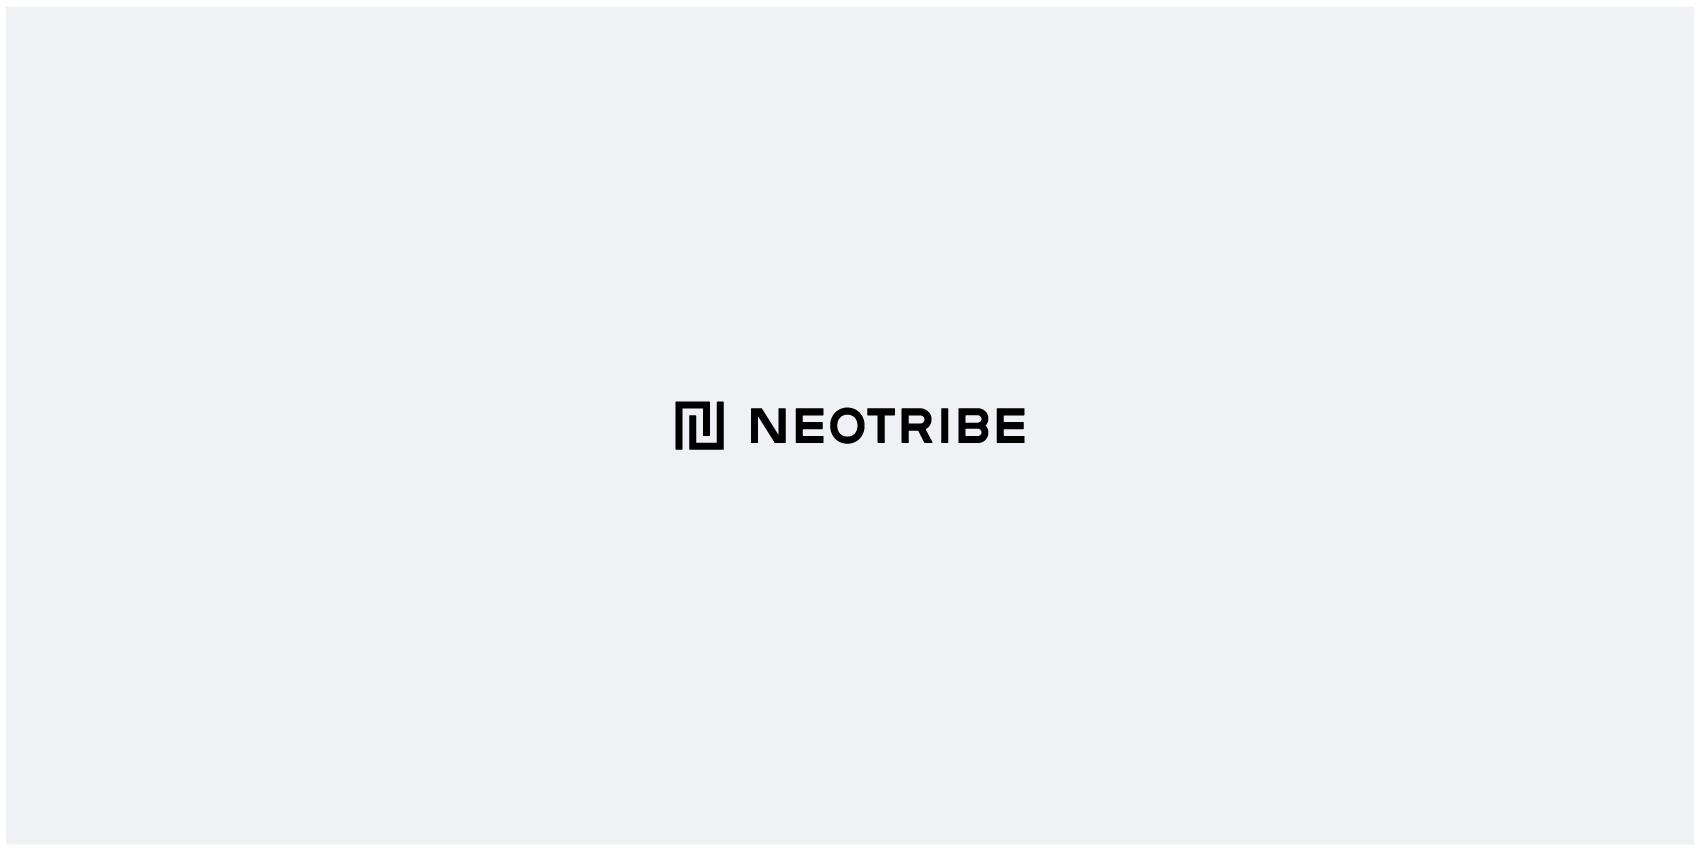 Neo-12.jpg